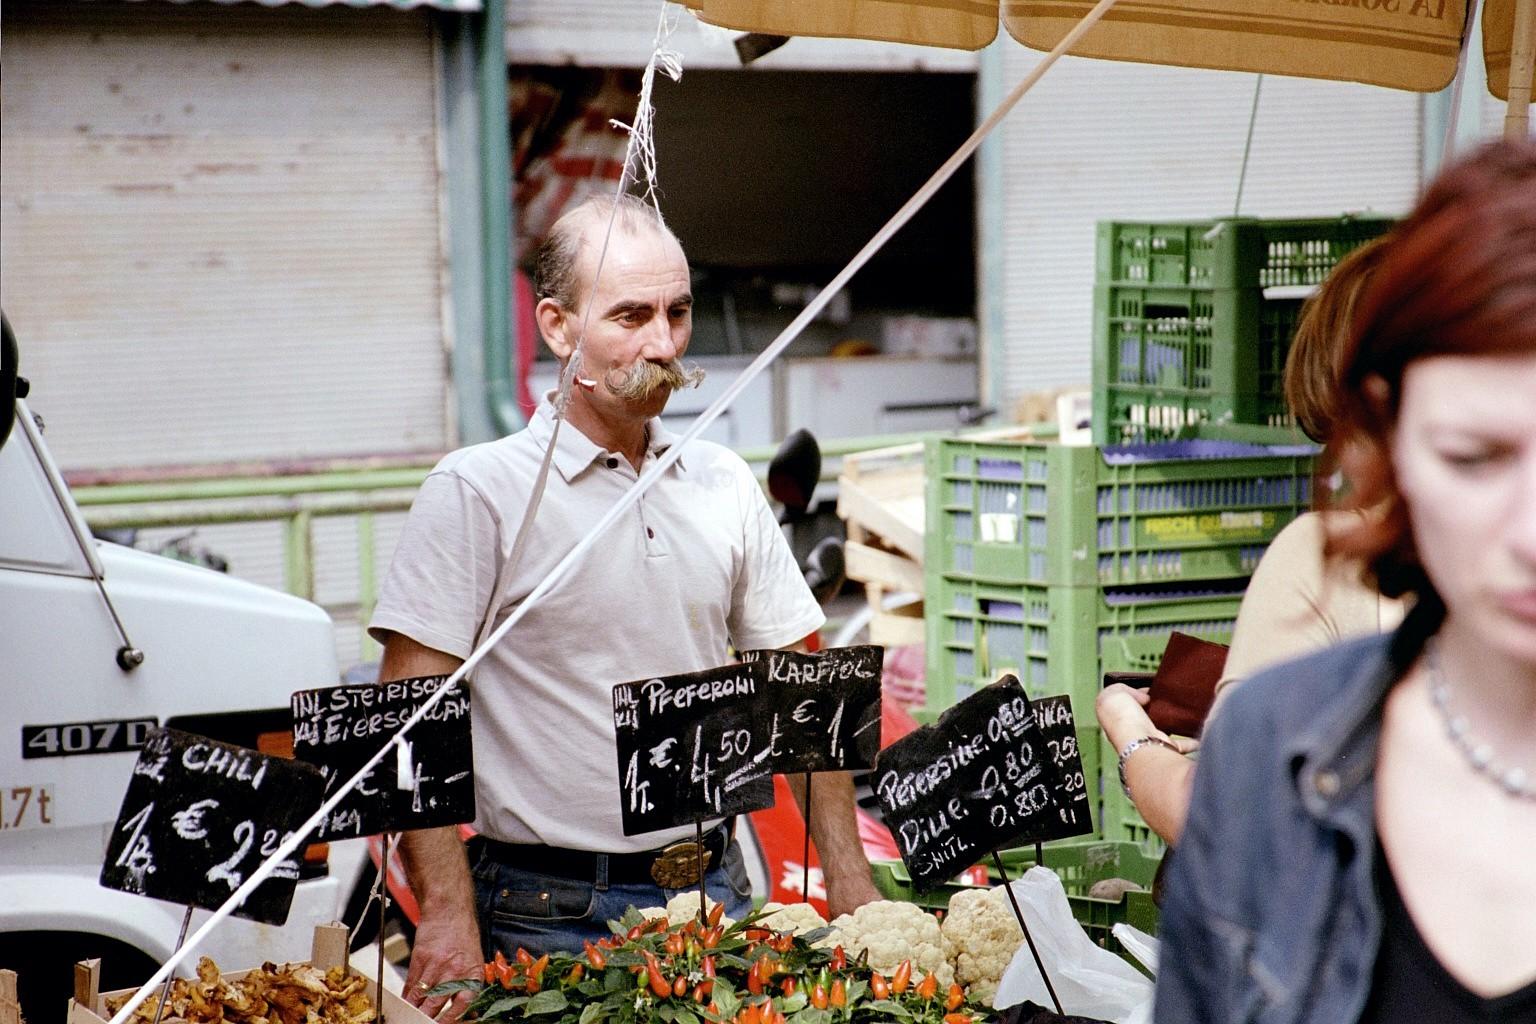 Marktstand Rochusmarkt oder Naschmarkt, Wien 2002